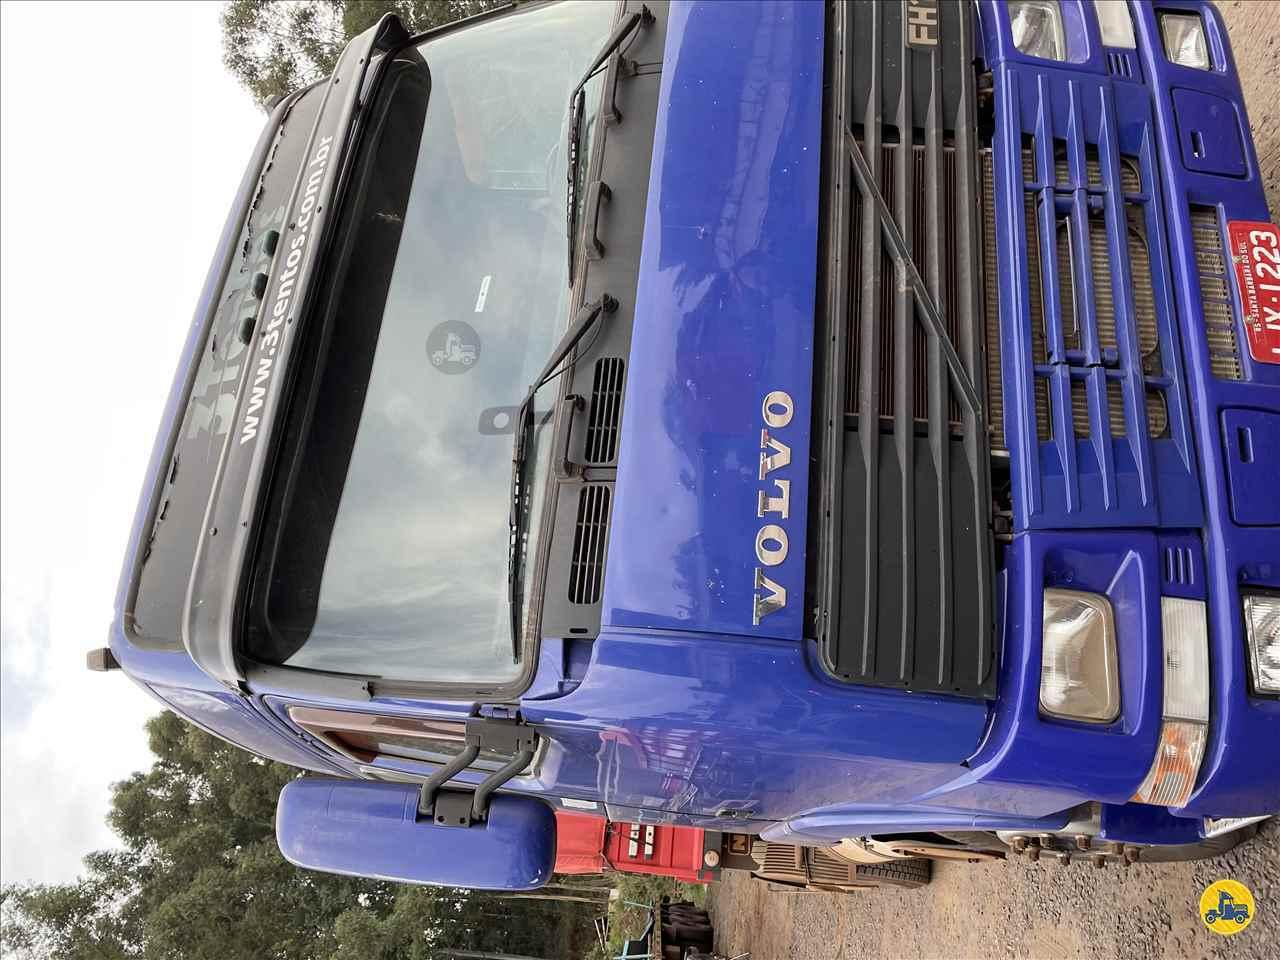 CAMINHAO VOLVO VOLVO FH12 380 Cavalo Mecânico Truck 6x2 Rodcar Implementos Rodoviários - Librelato CARAZINHO RIO GRANDE DO SUL RS